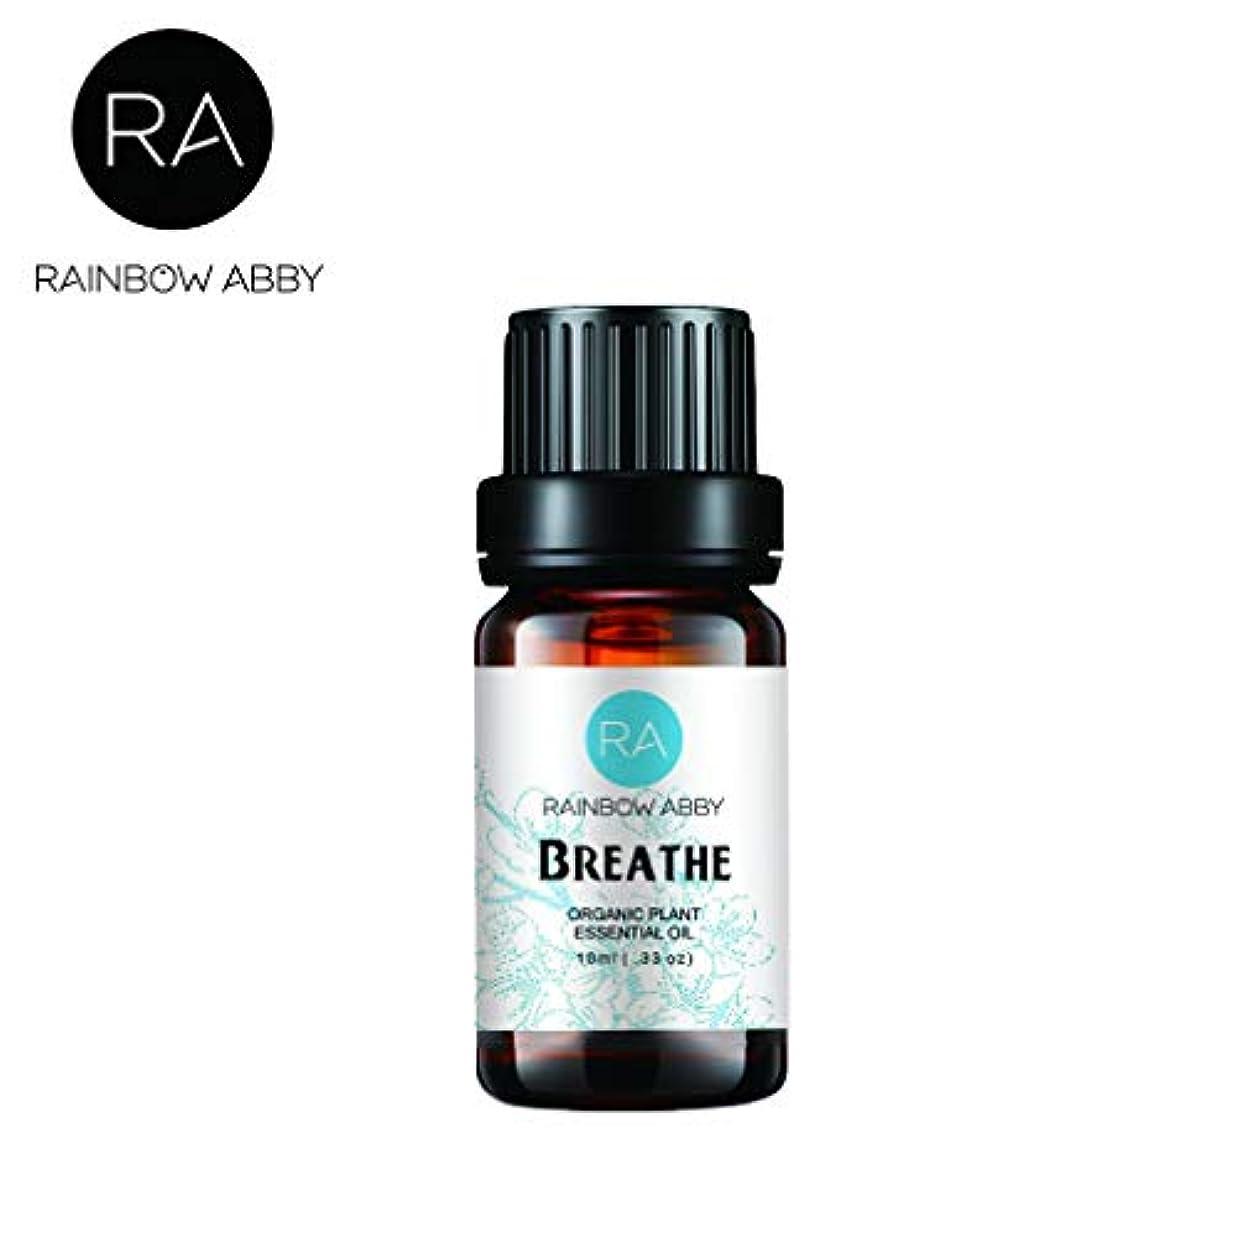 メディカル食事を調理する敬の念RAINBOW ABBY 呼吸する エッセンシャル オイル - 100% ピュア ベスト オーガニック 治療 グレード ブレンド エッセンシャル オイル - 10ml